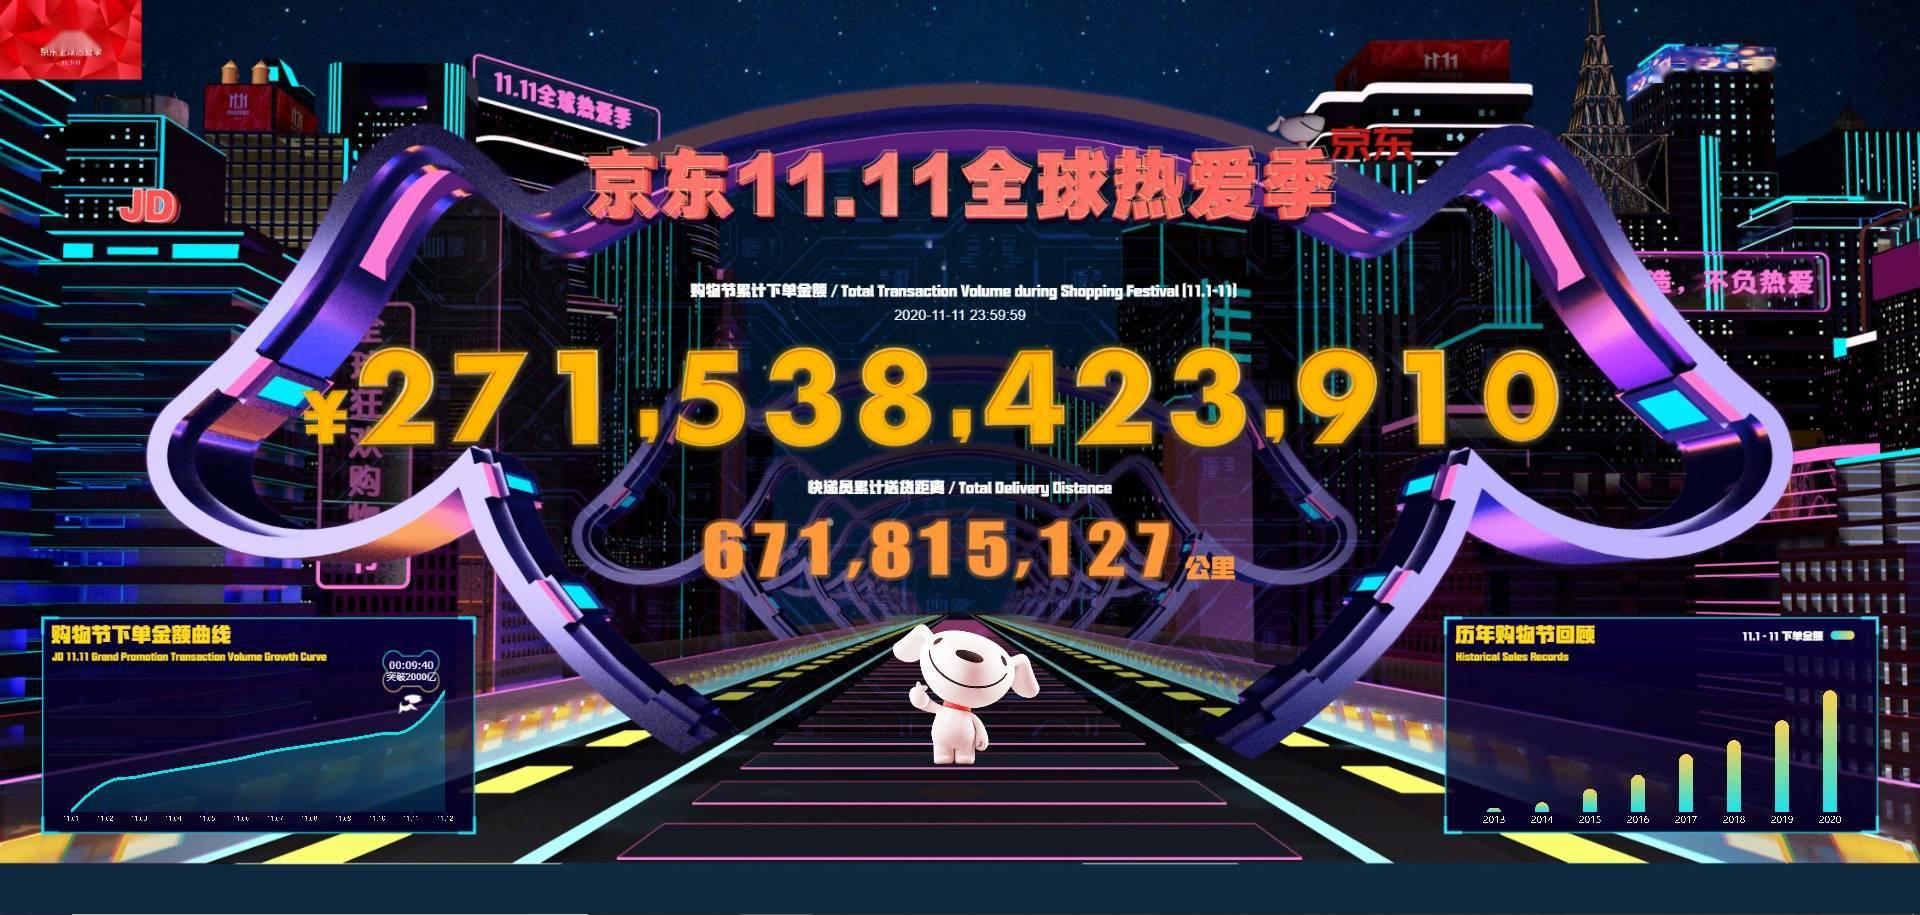 4982亿和2715亿是双11的奇迹 但是打工人你的尾款准备好了吗